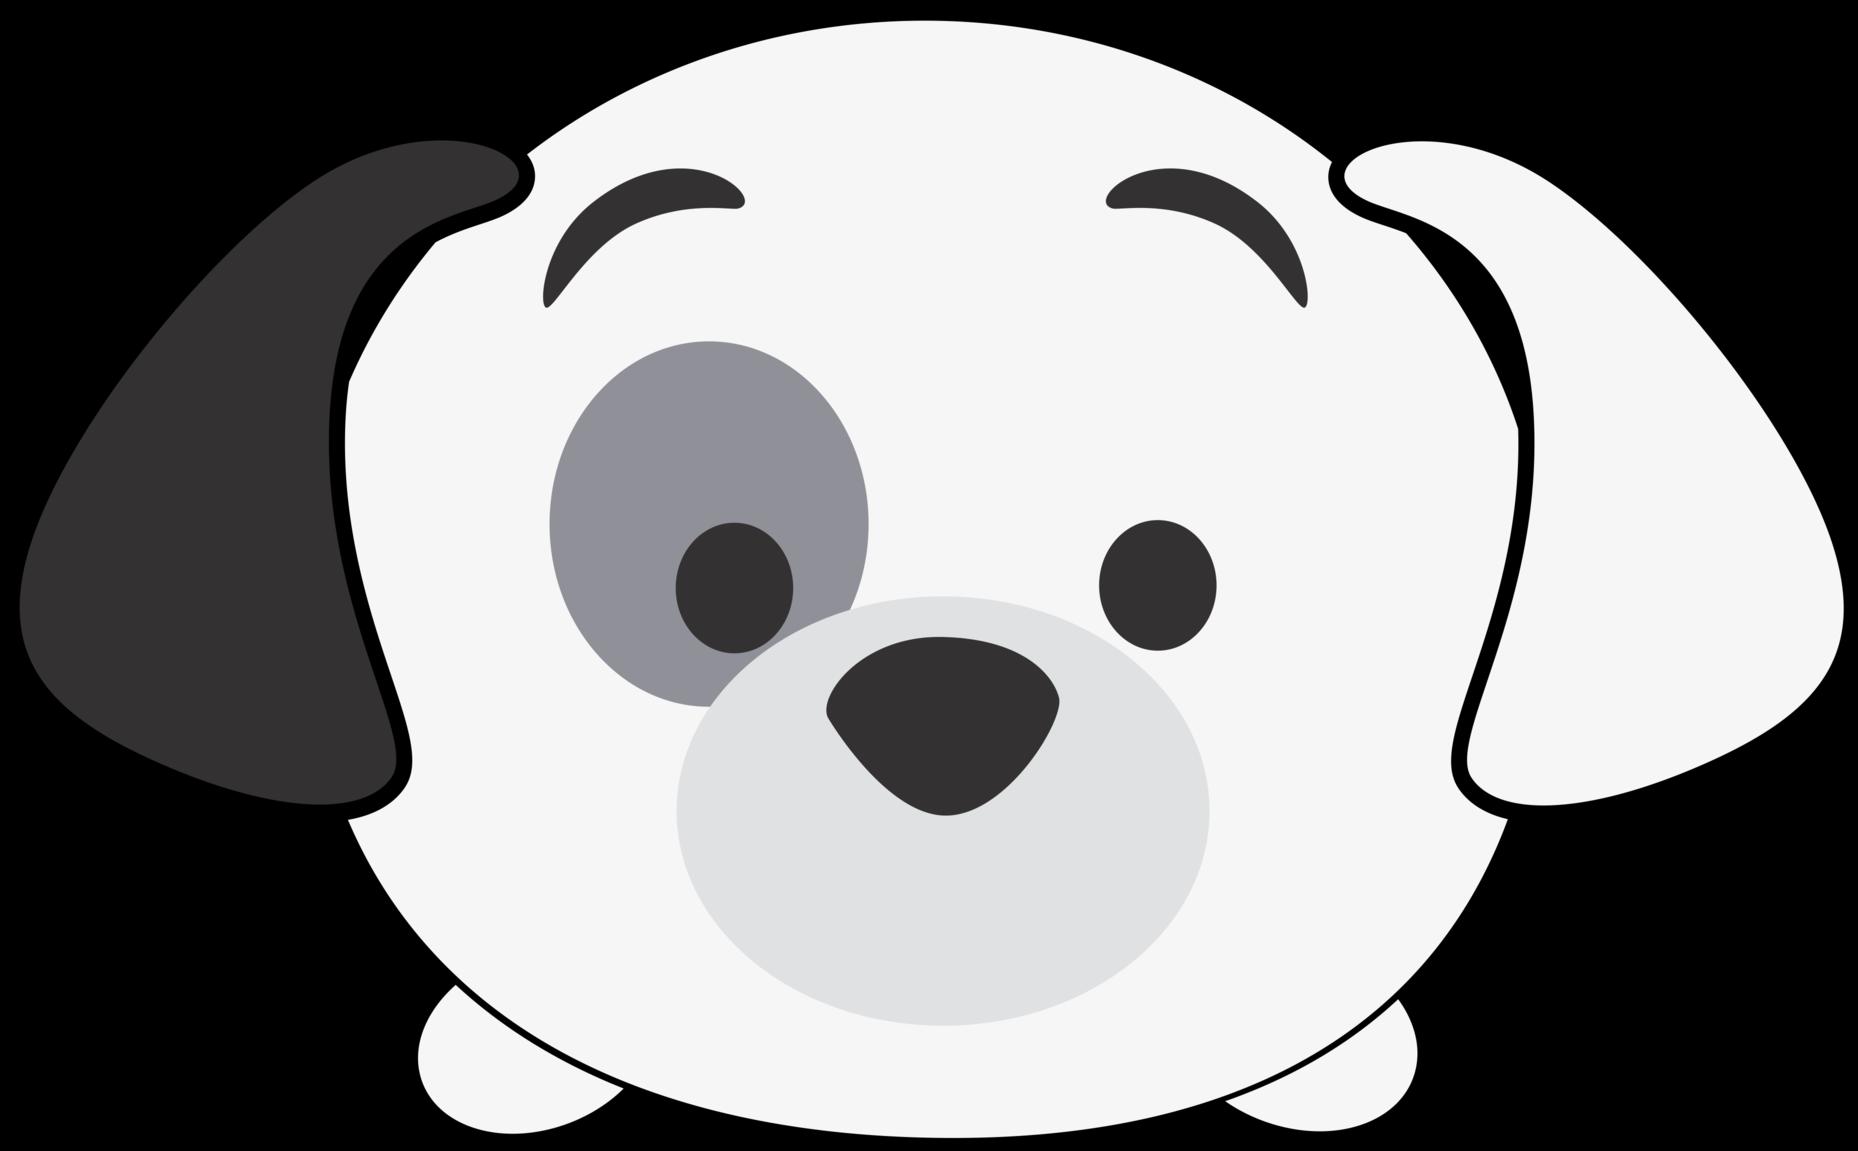 Disney Tsum Tsum Clipart 9: Disney Tsum Tsum Clipart 101 Dalmatians